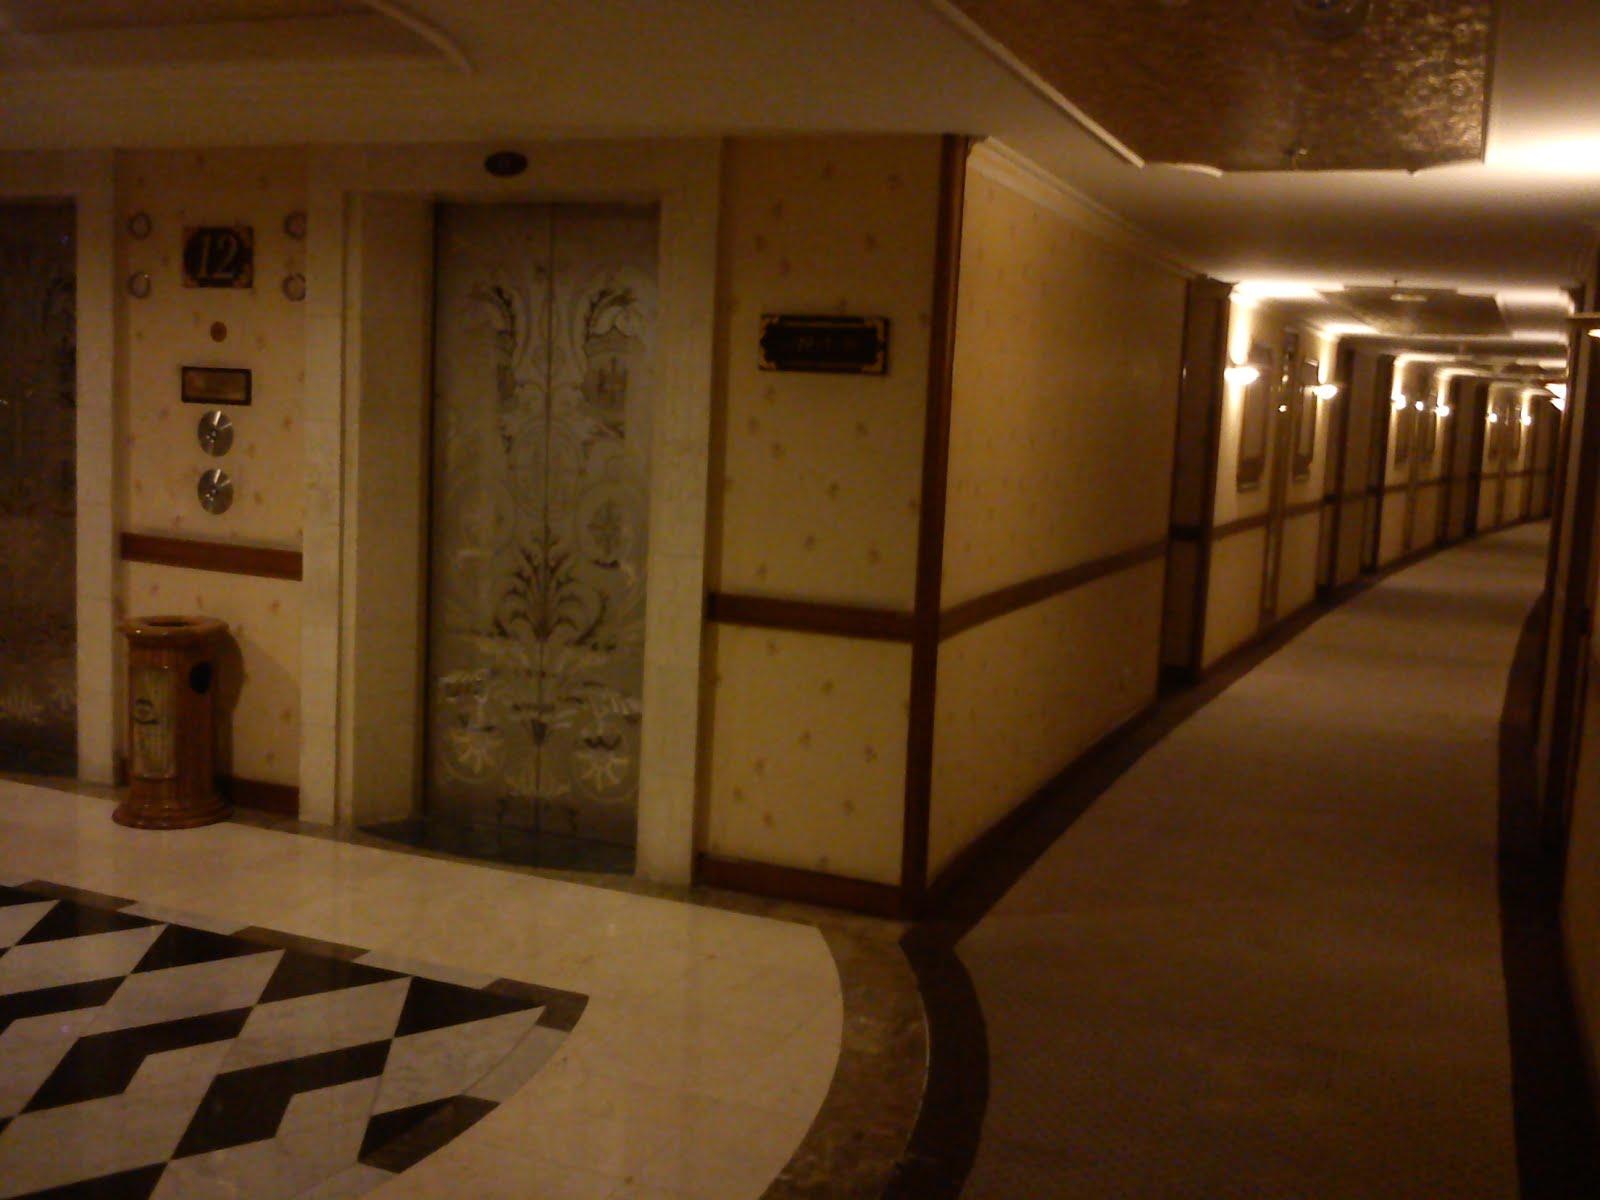 Daftar Hotel Murah di Bengkulu 2015 Yang Aman dan Nyaman